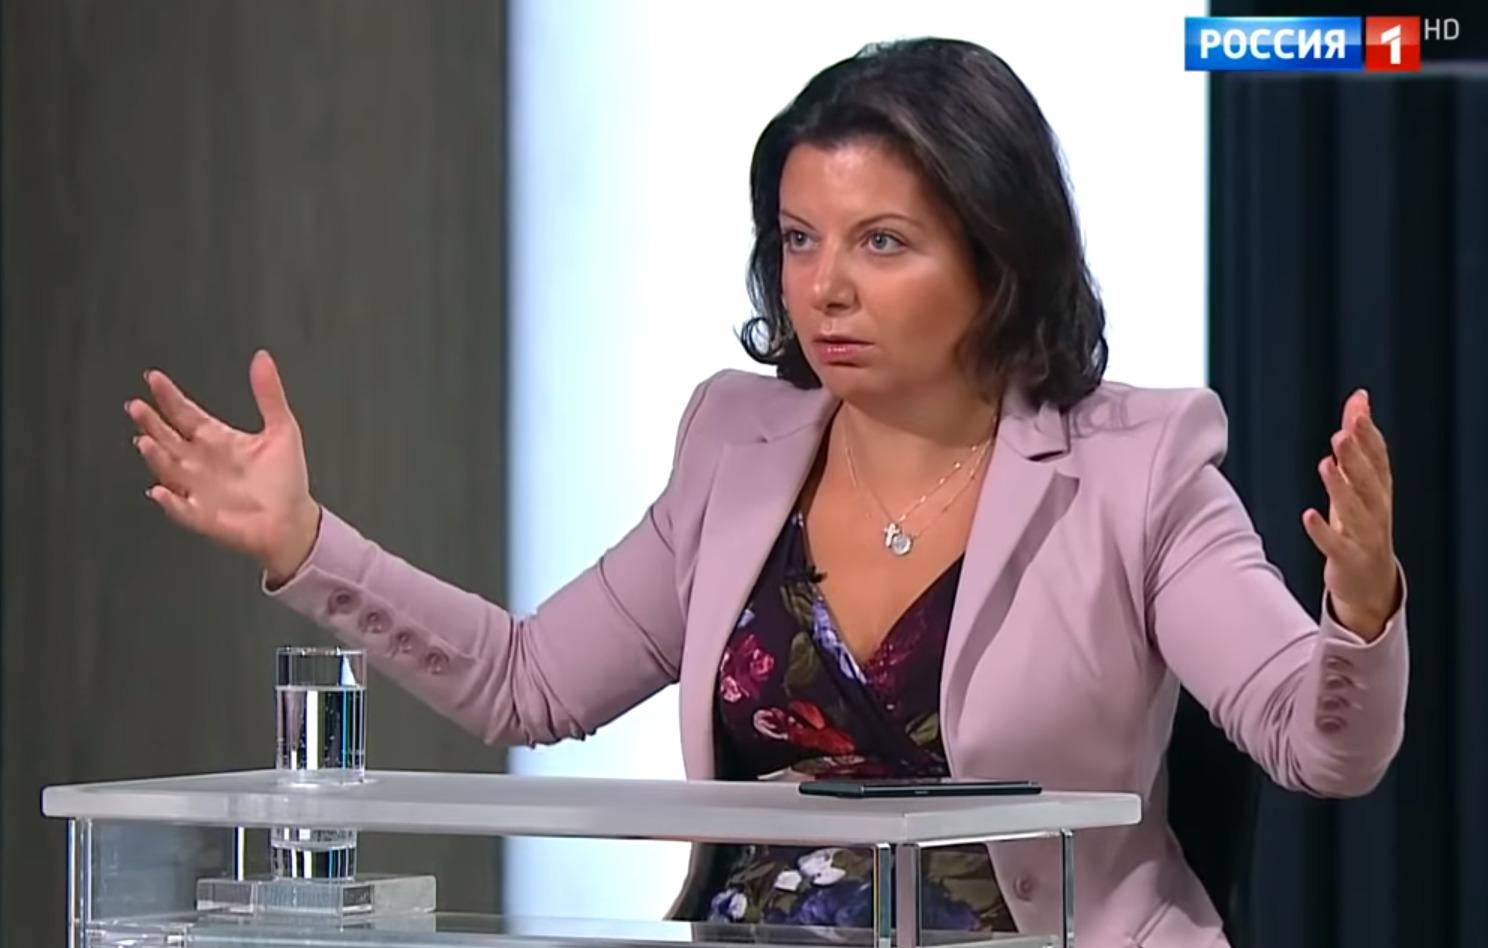 """Margarita Simonyan #новости """"Sputnik"""", Маргарита Симоньян, СМИ, Южная Осетия"""